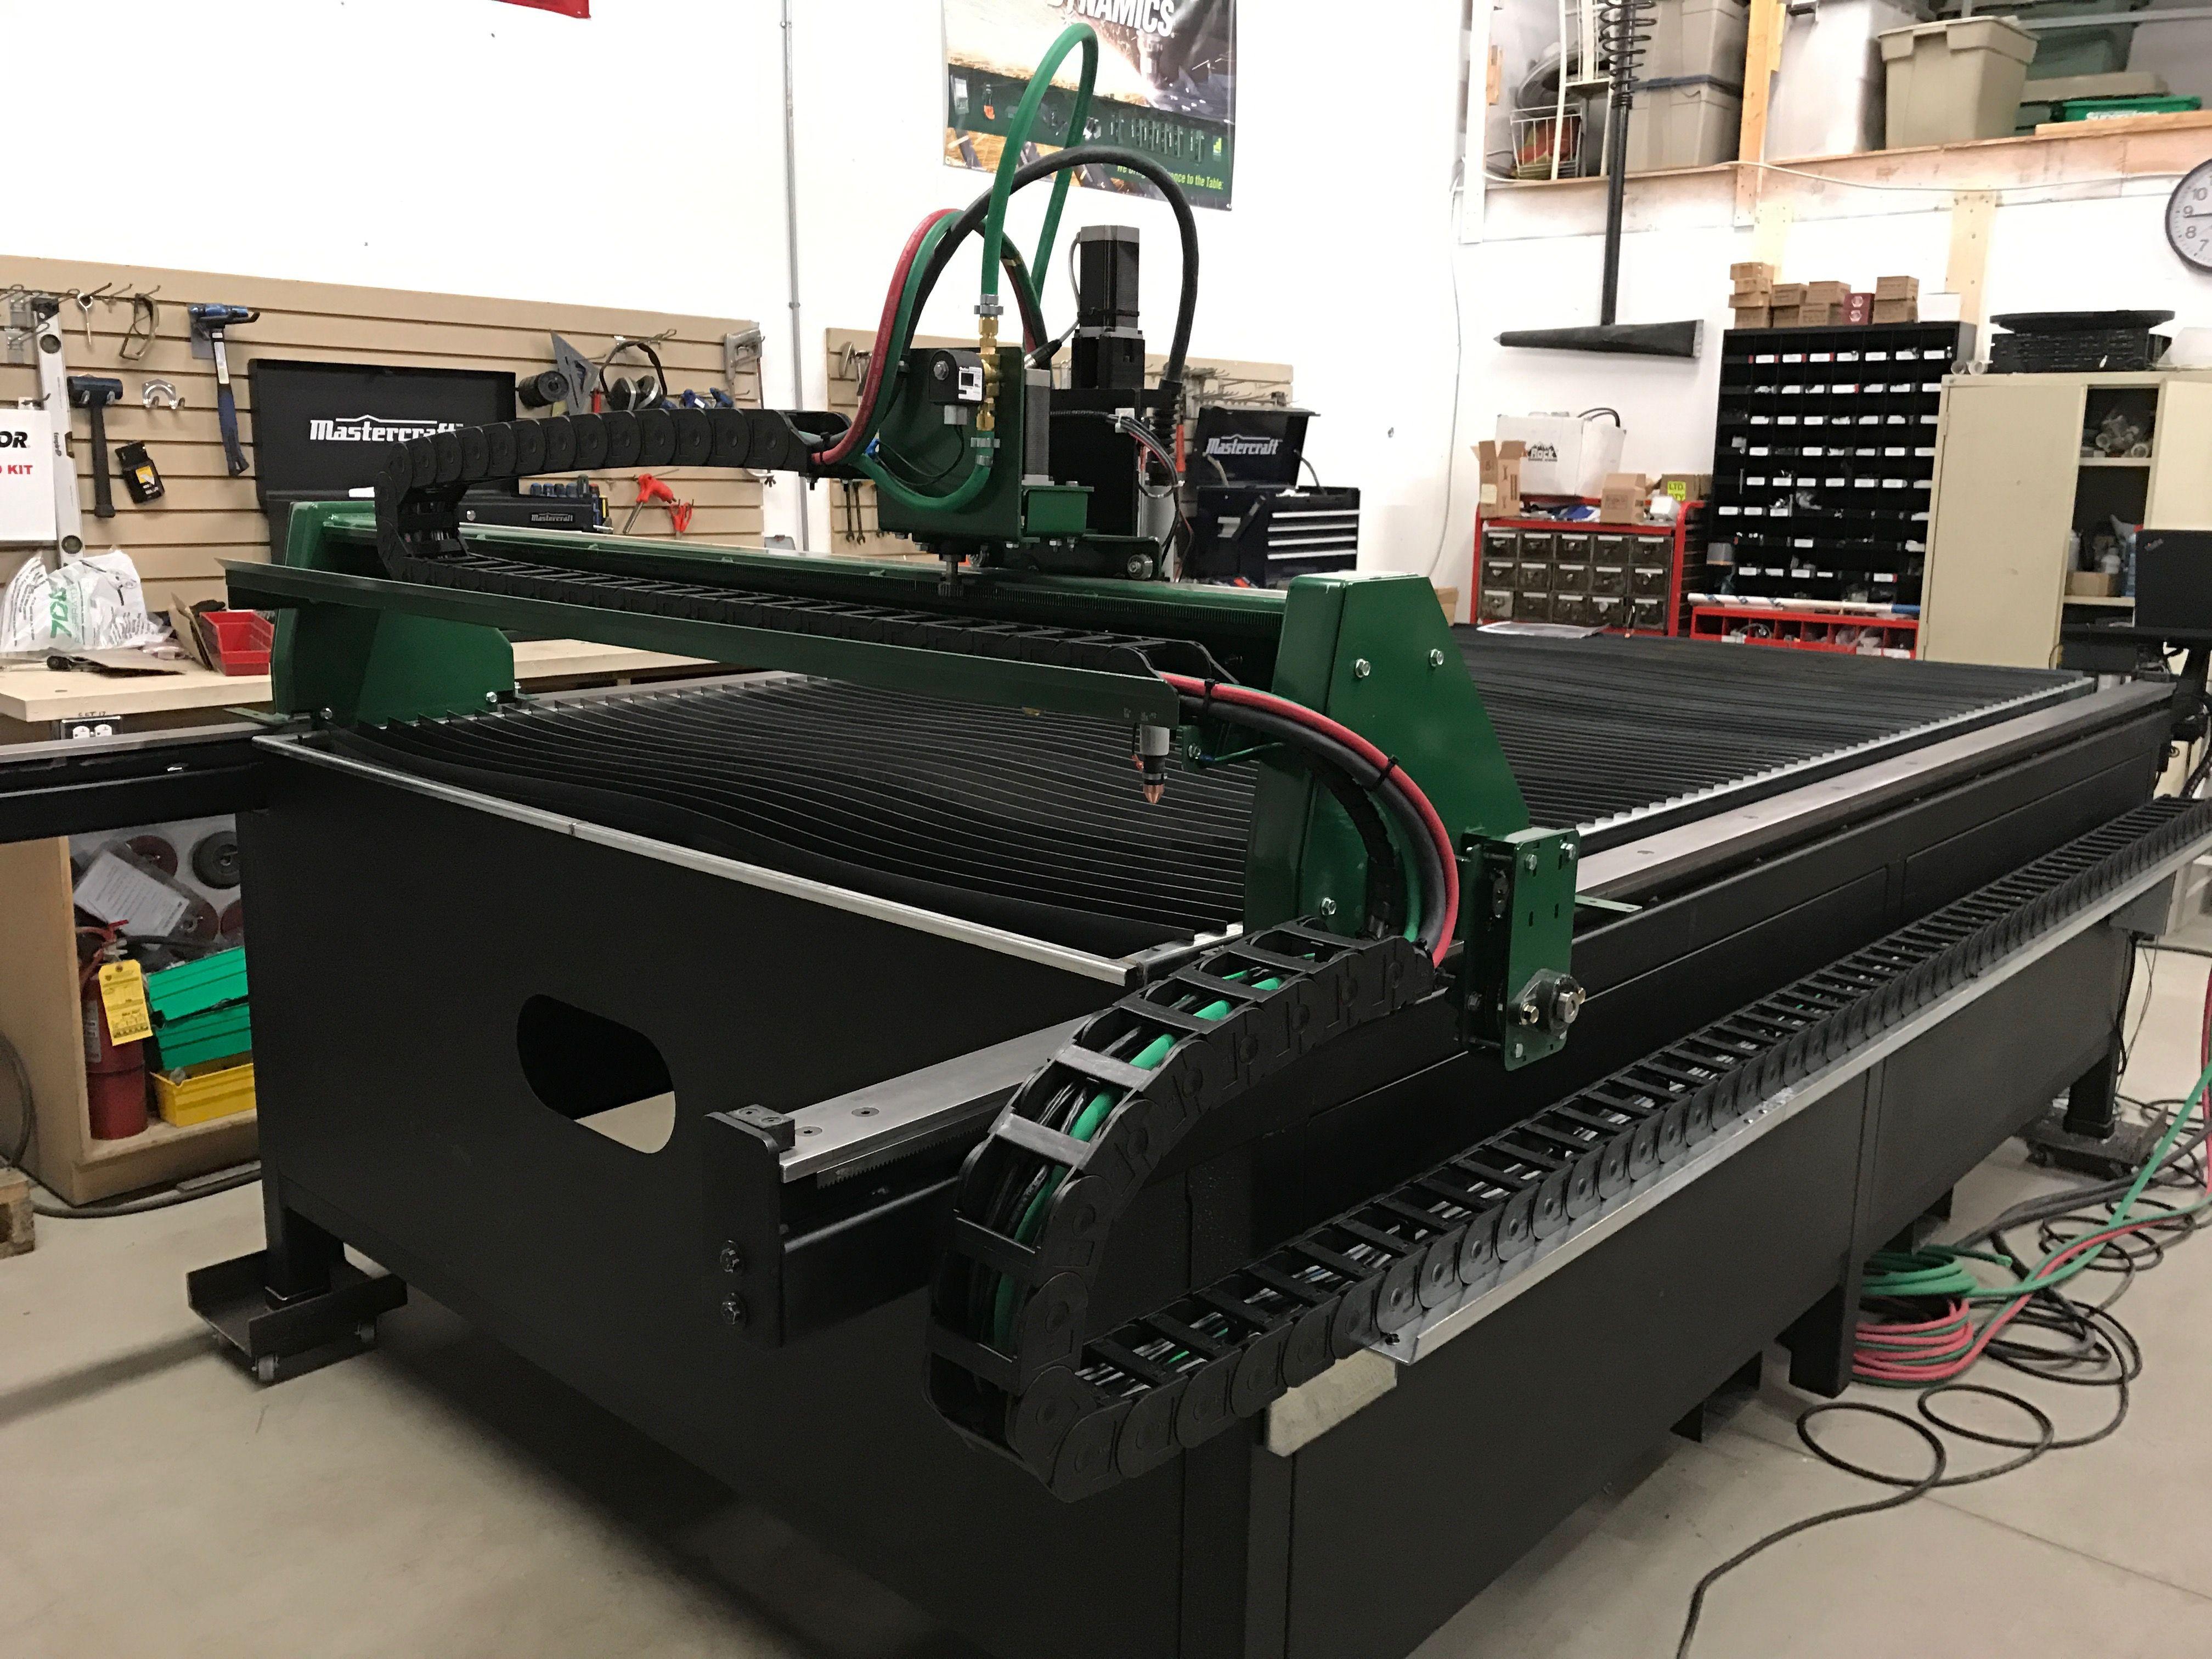 Prosteel 5x10 Plasma Table Cnc Plasma Cnc Plasma Table Cnc Machine